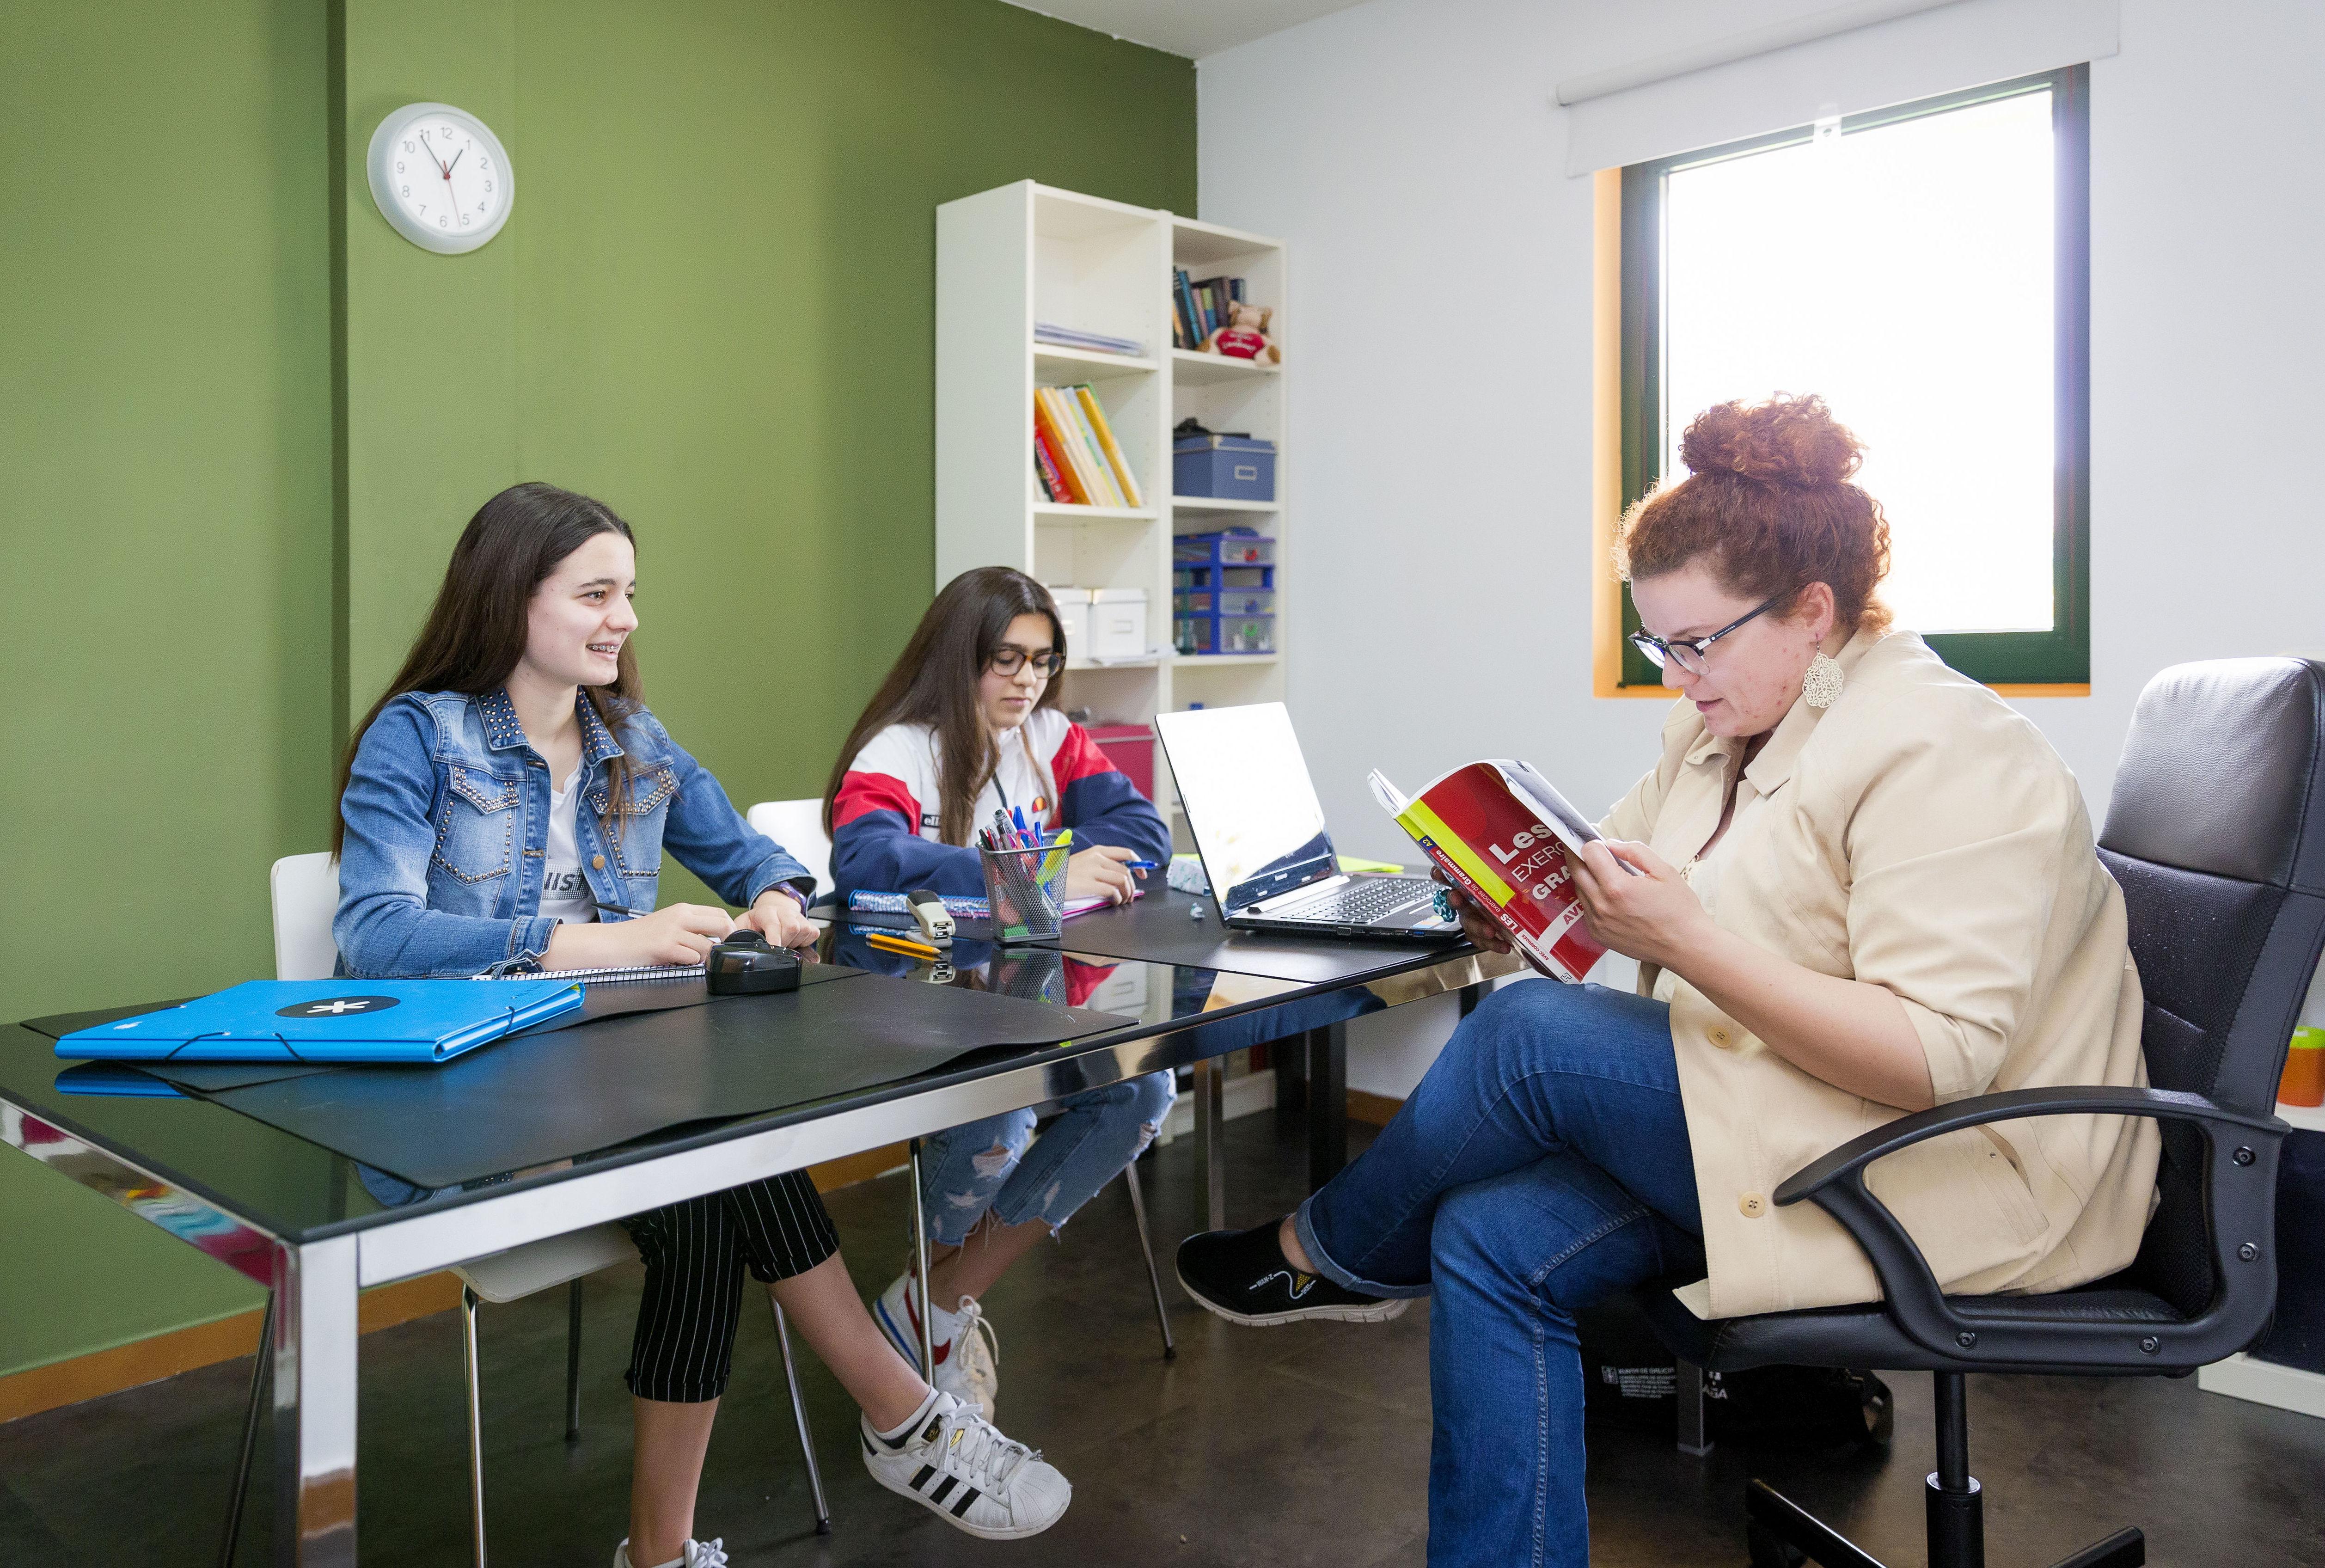 Foto 5 de Academia de idiomas en La Coruña | SBC Global Training